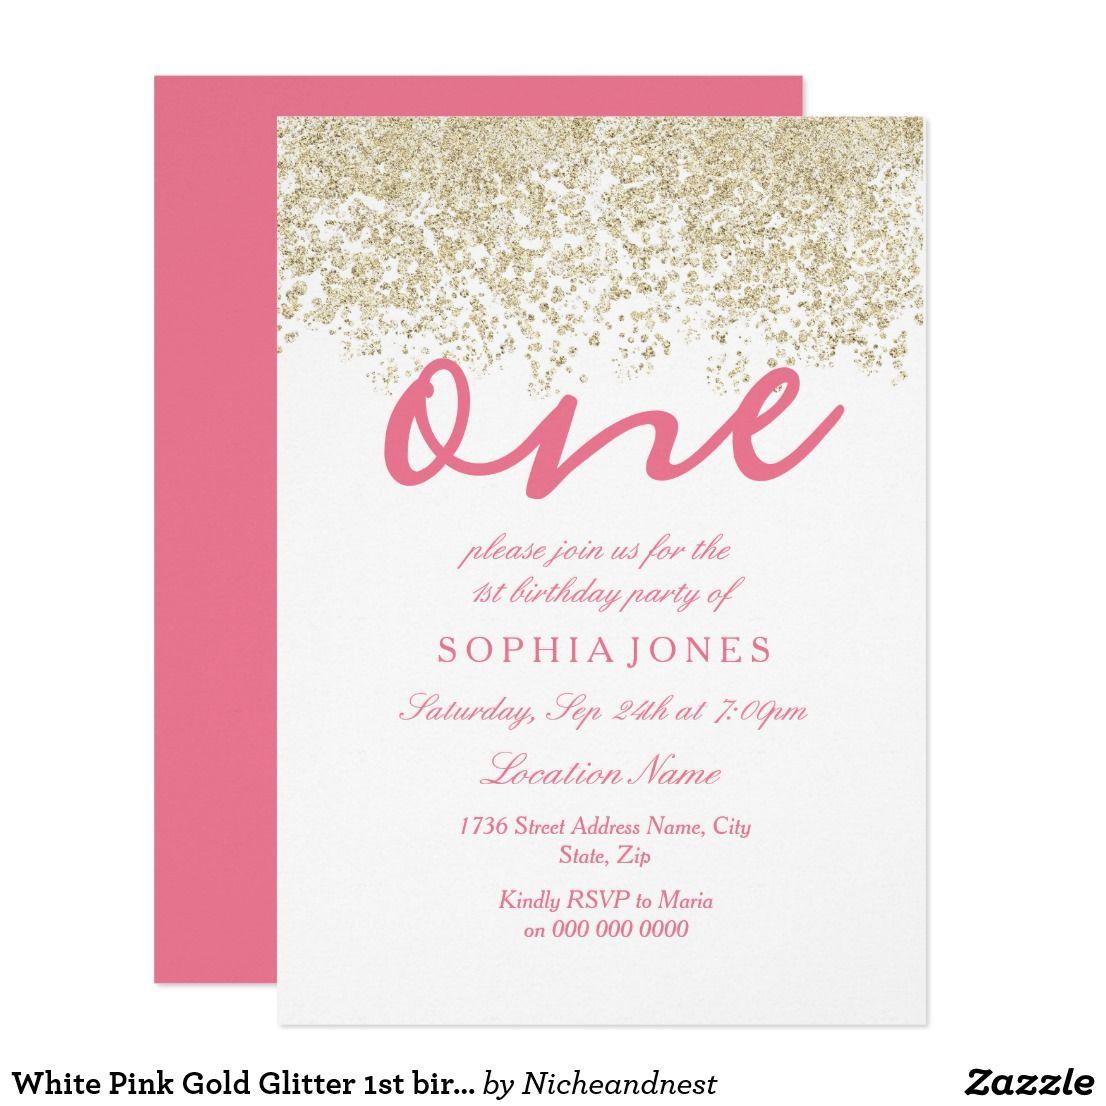 White Pink Gold Glitter 1st birthday party Invite | { Happy Birthday ...